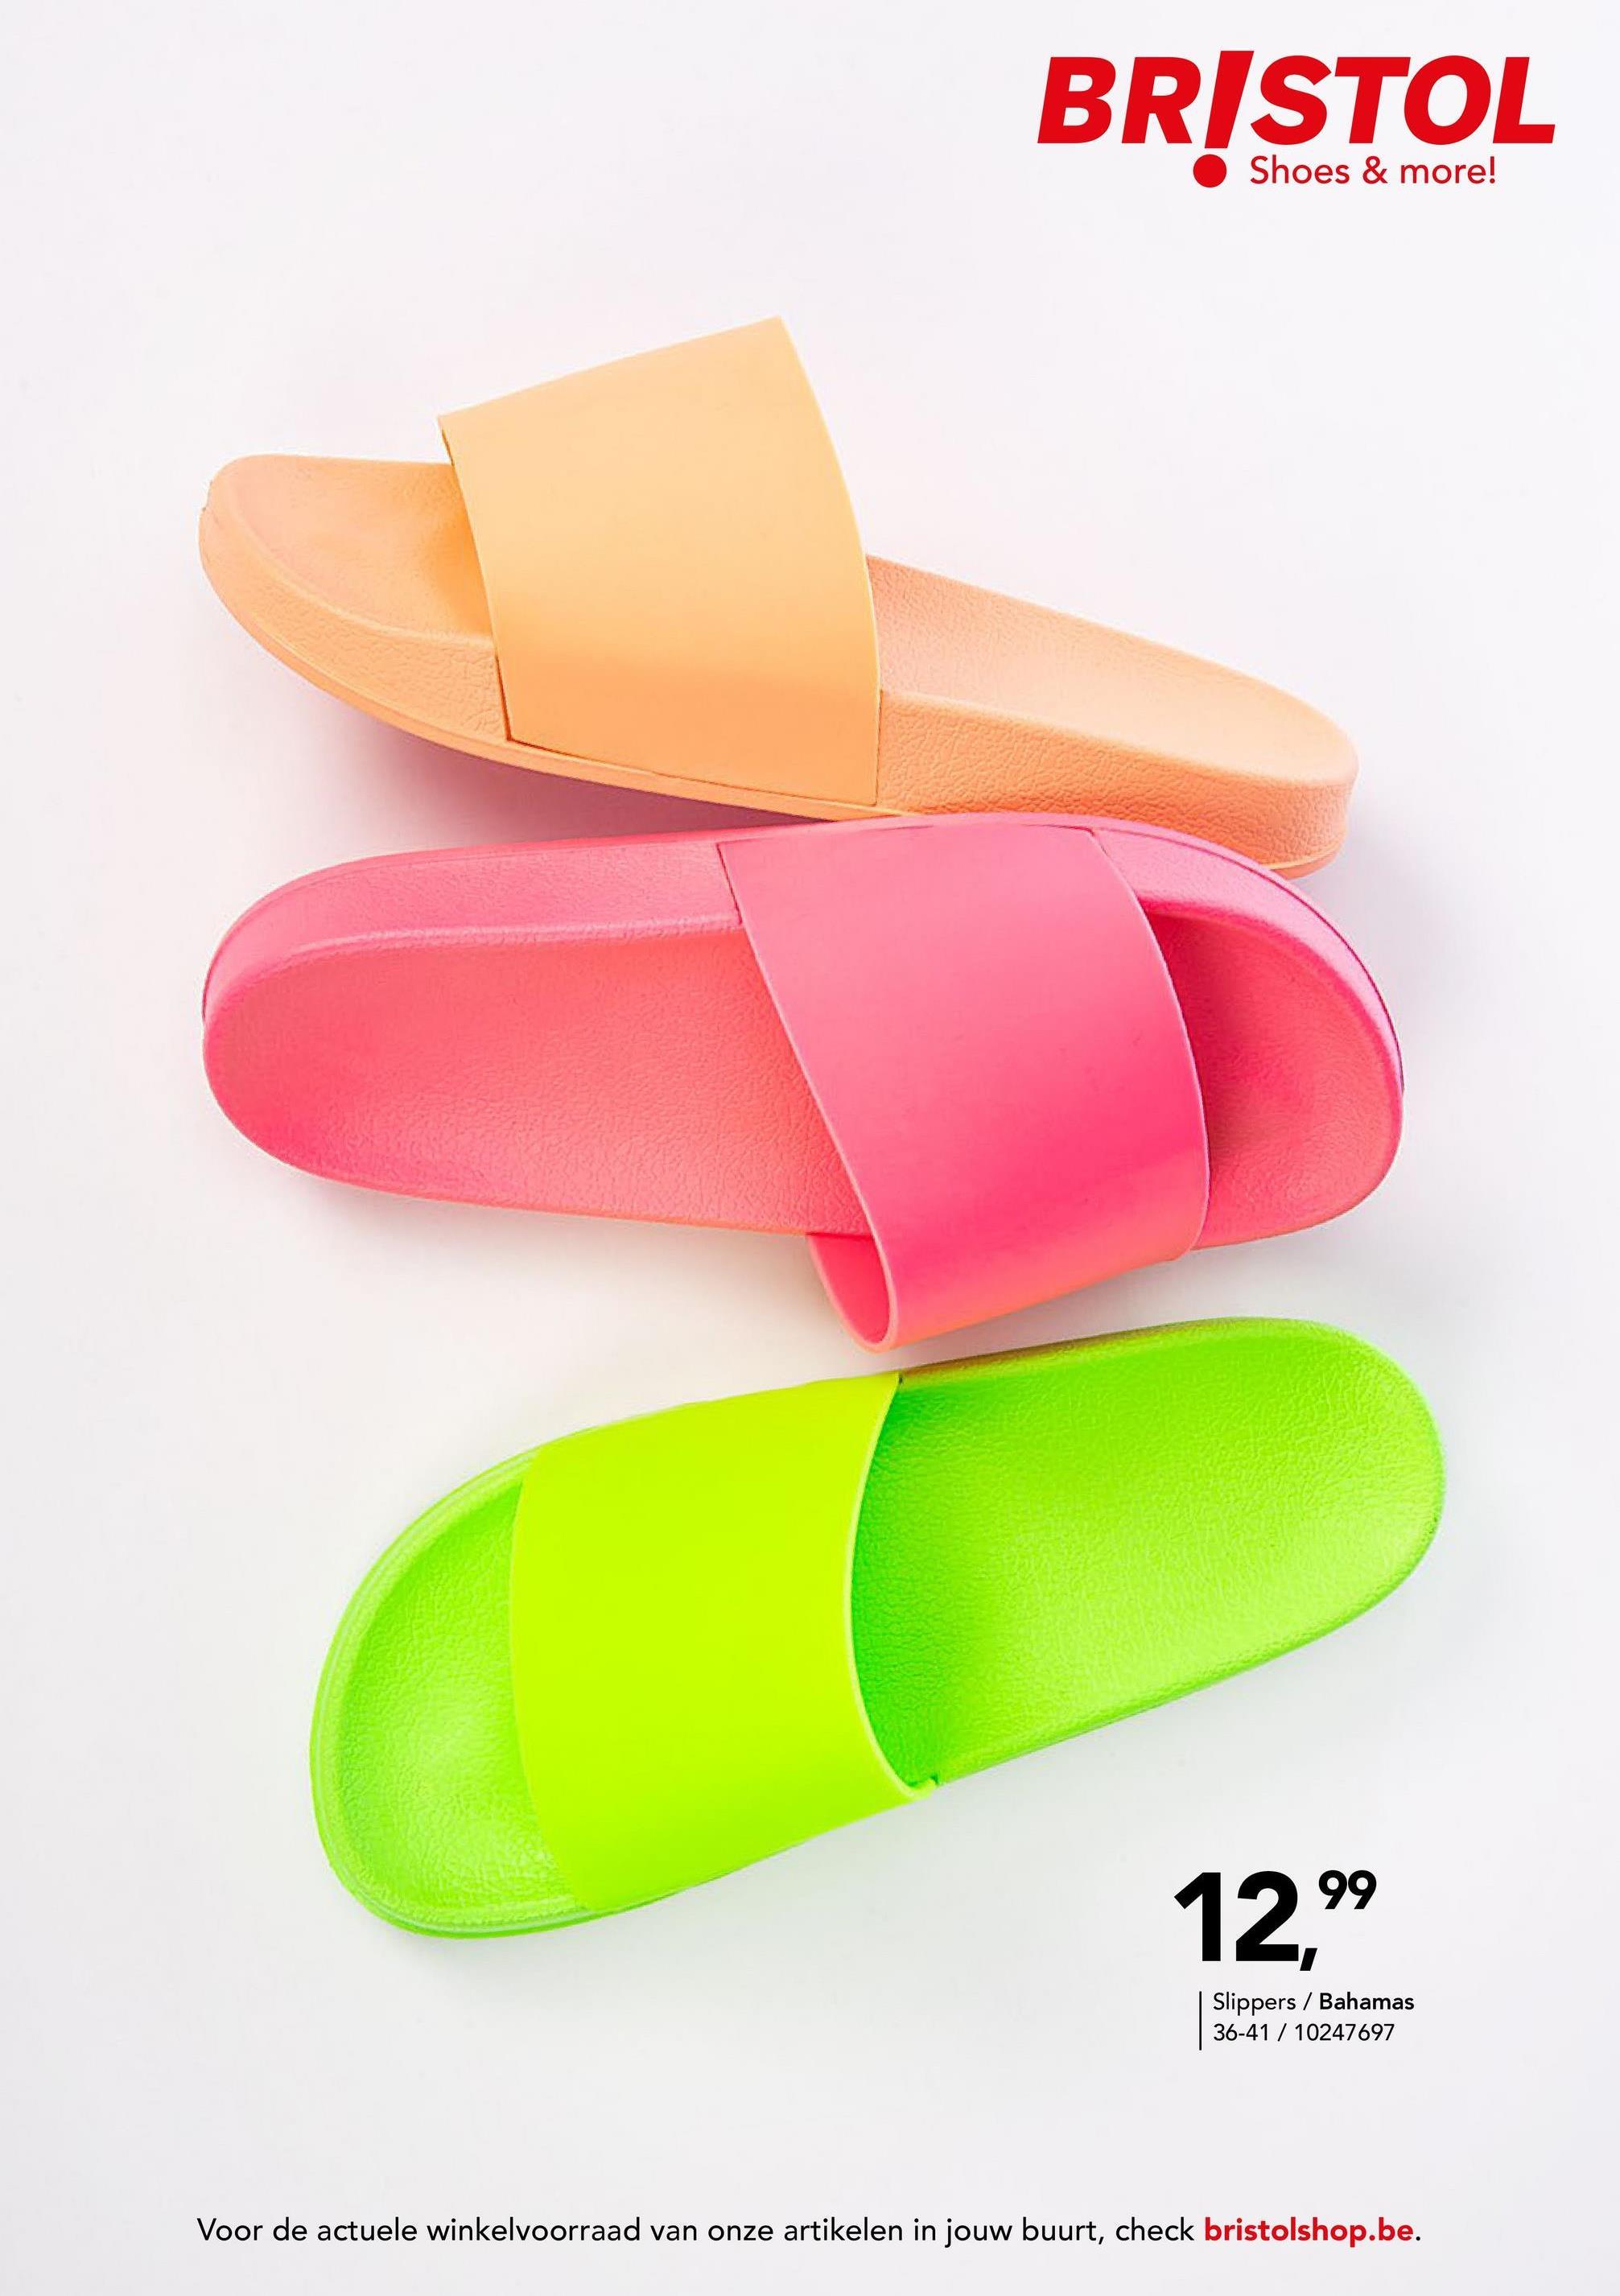 Effen slipper Bahamas - Fluoroze - maat 37 - Dames   - Goedkope Badslippers - Synthetisch Damesslipper in een effen kleur van het merk Bahamas. Perfect om te dragen op het strand, aan het zwembad of gewoon thuis!